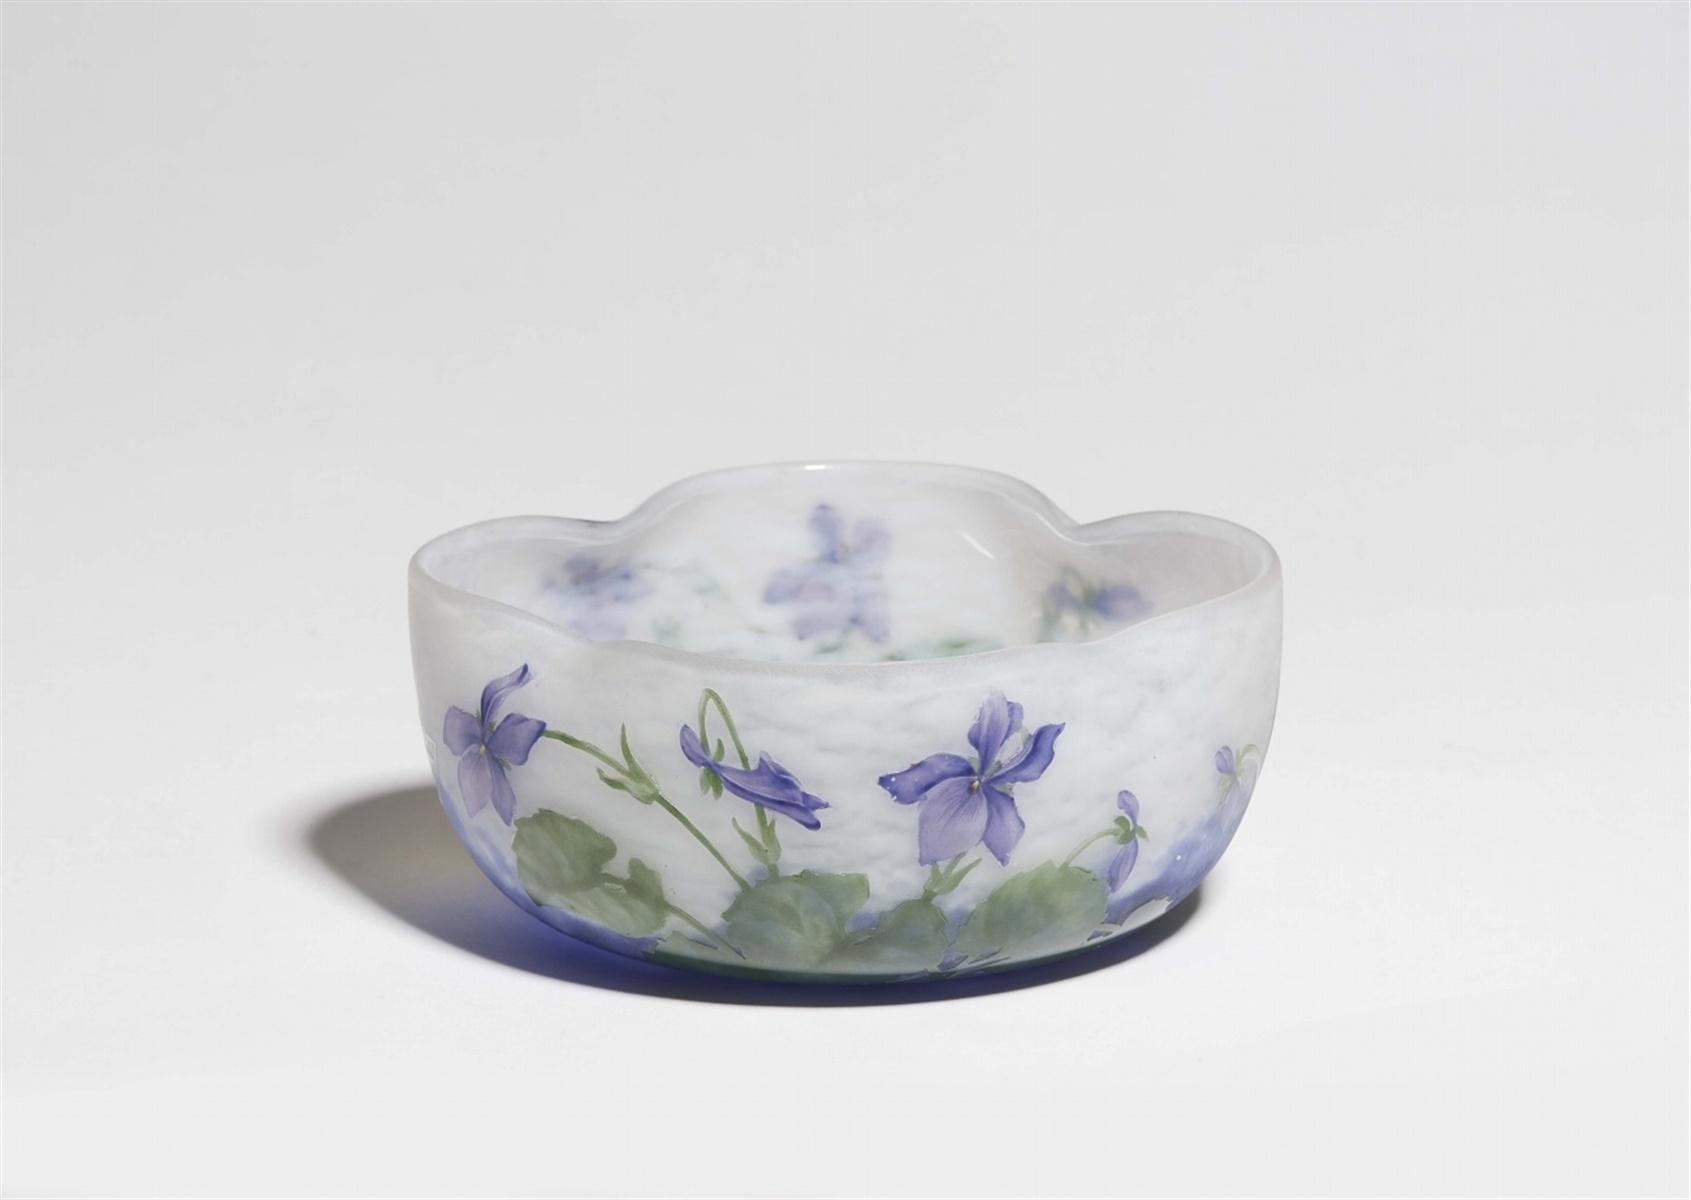 Lot 24 - Coupe violetsAußen matt geätztes Glas mit wolkigen Pulvereinschmelzungen in Weiß und Blau, grüner